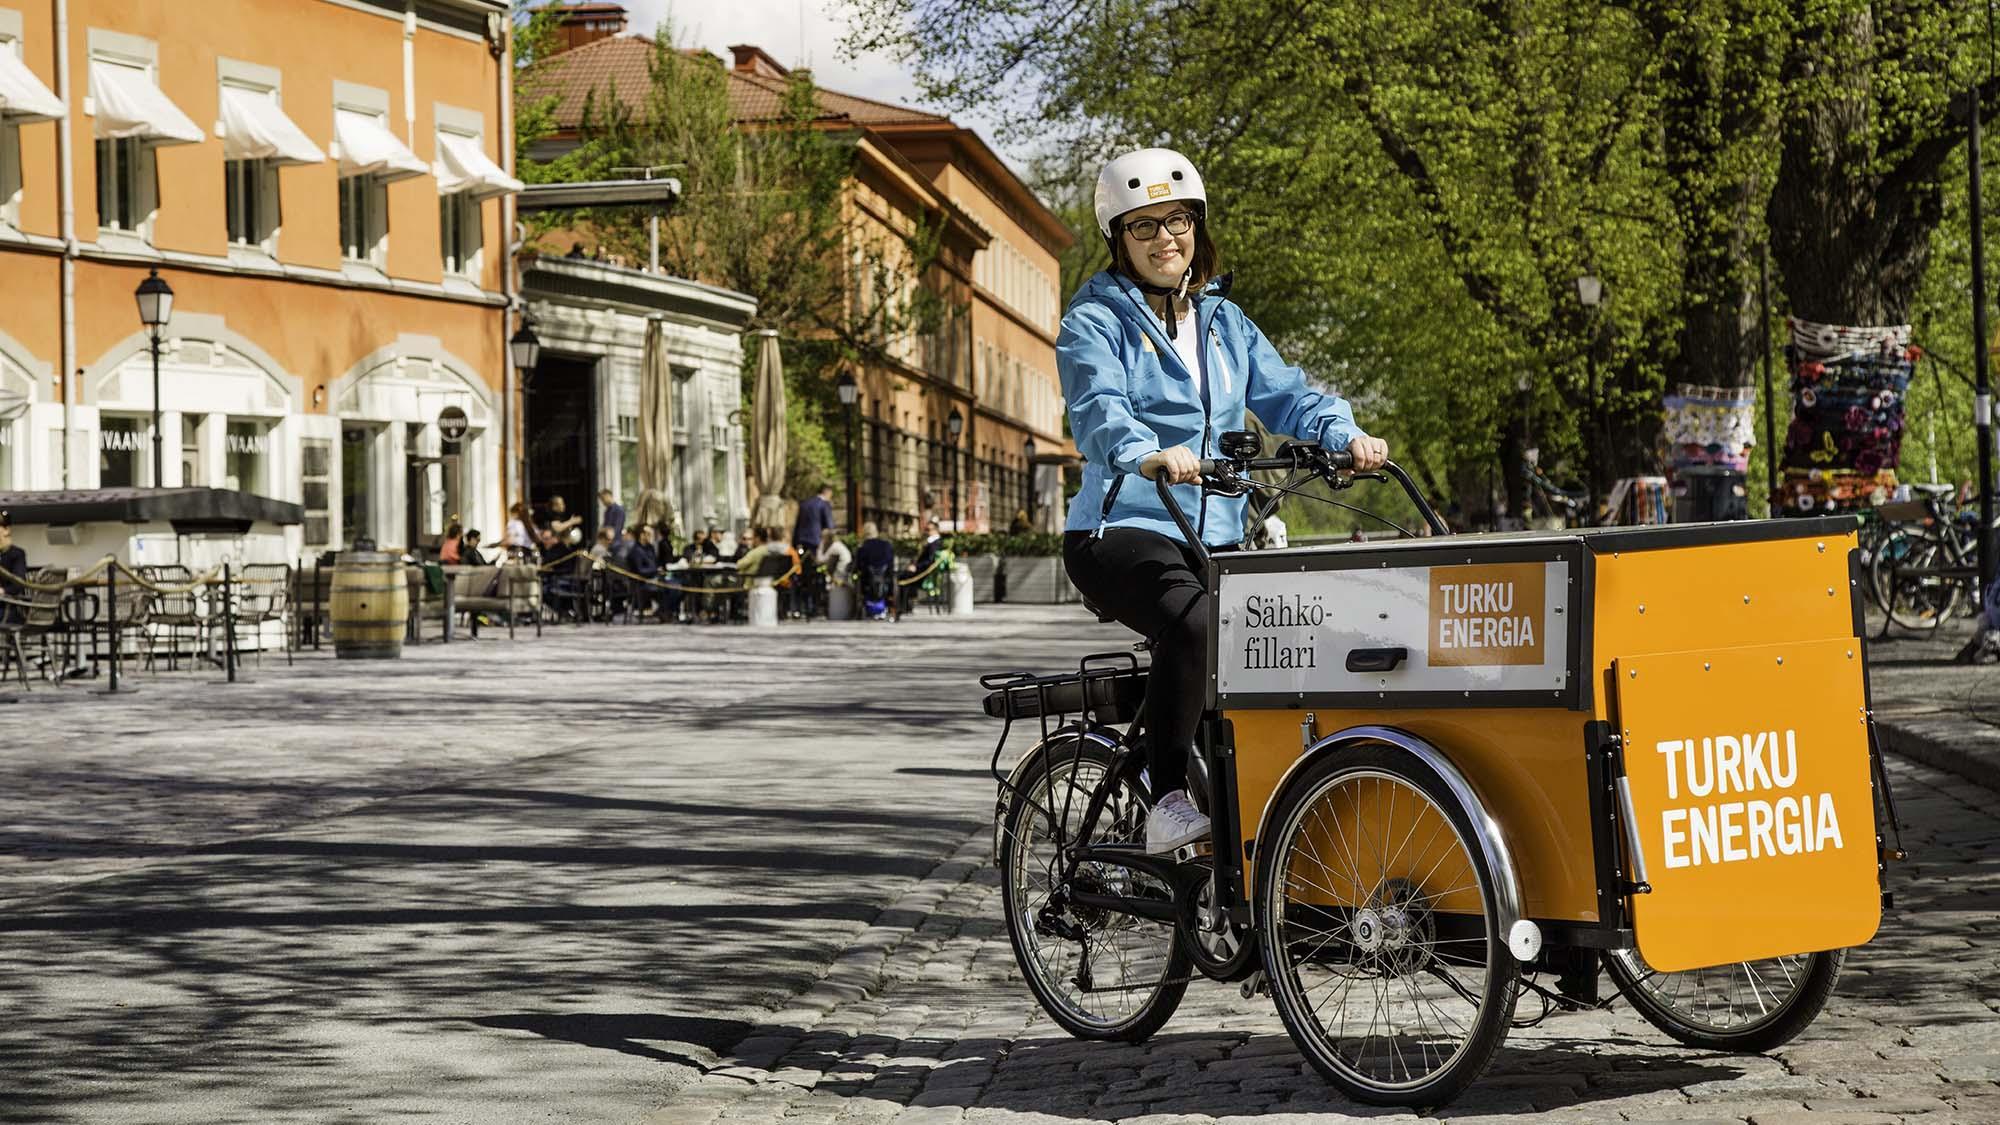 Turku Energian työntekijä pyöräilemässä sähköpyörällä.